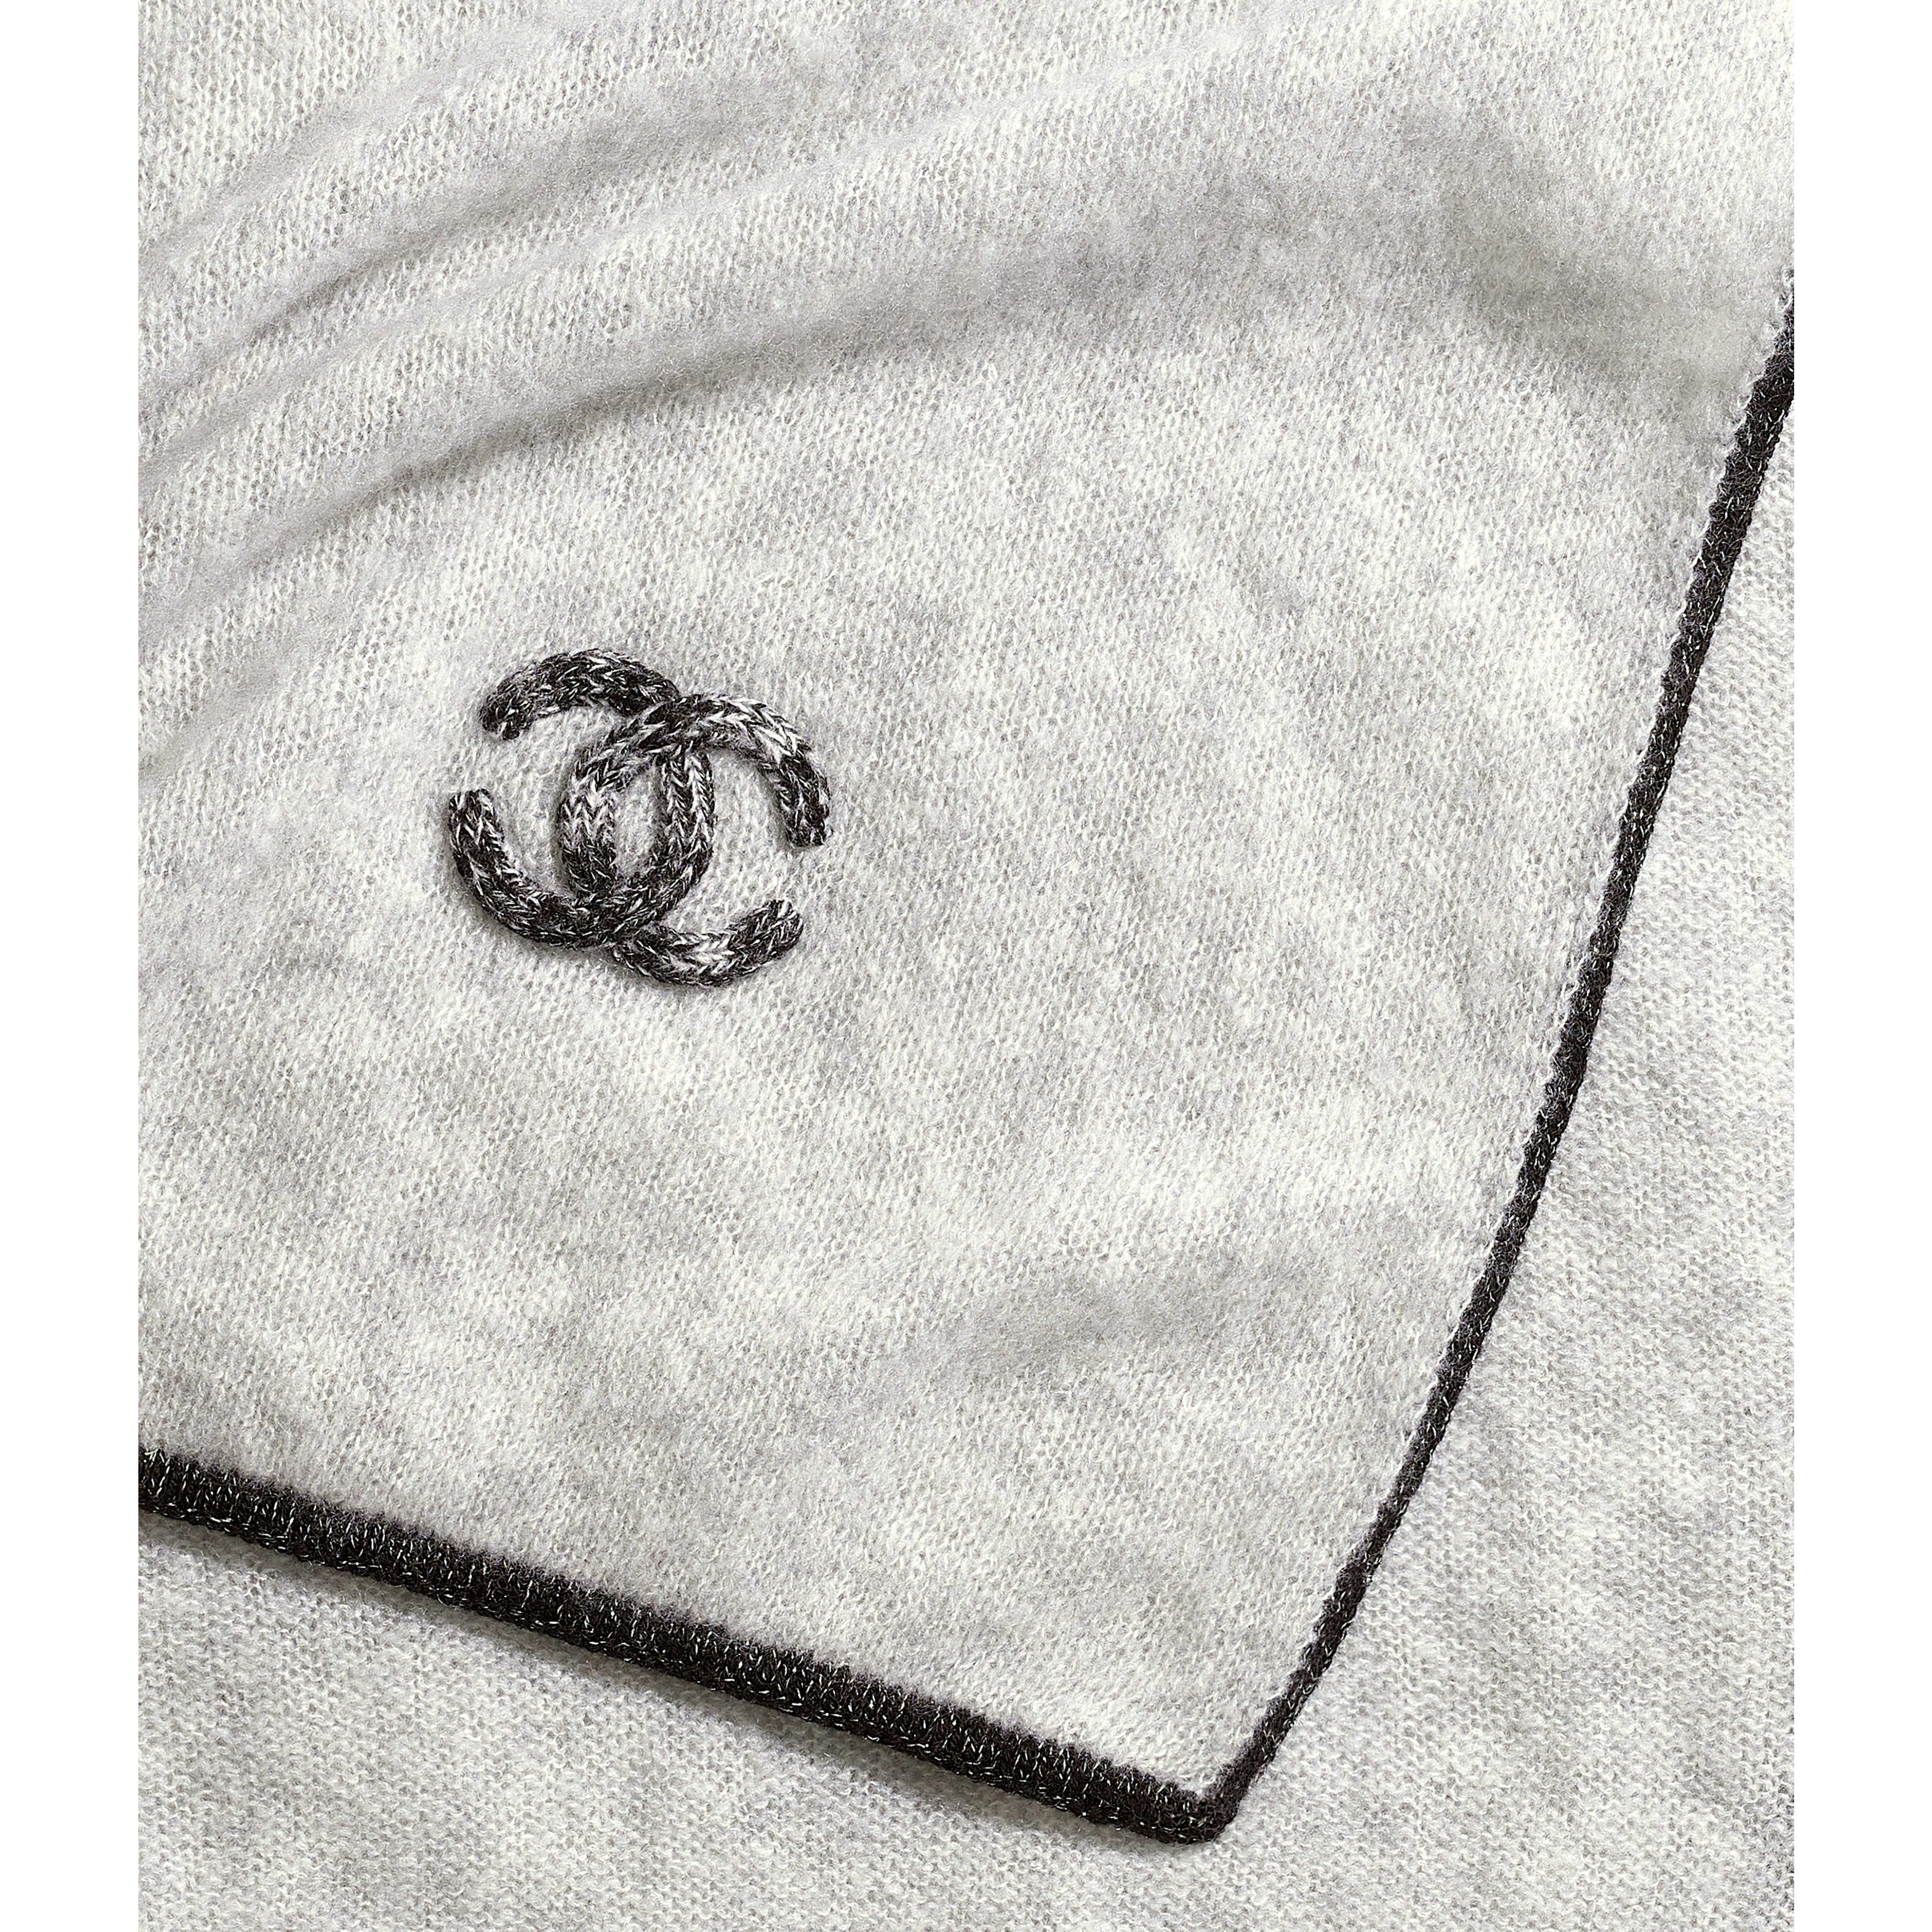 Шарф - Серый - Кашемир и шелк - Вид по умолчанию - посмотреть полноразмерное изображение